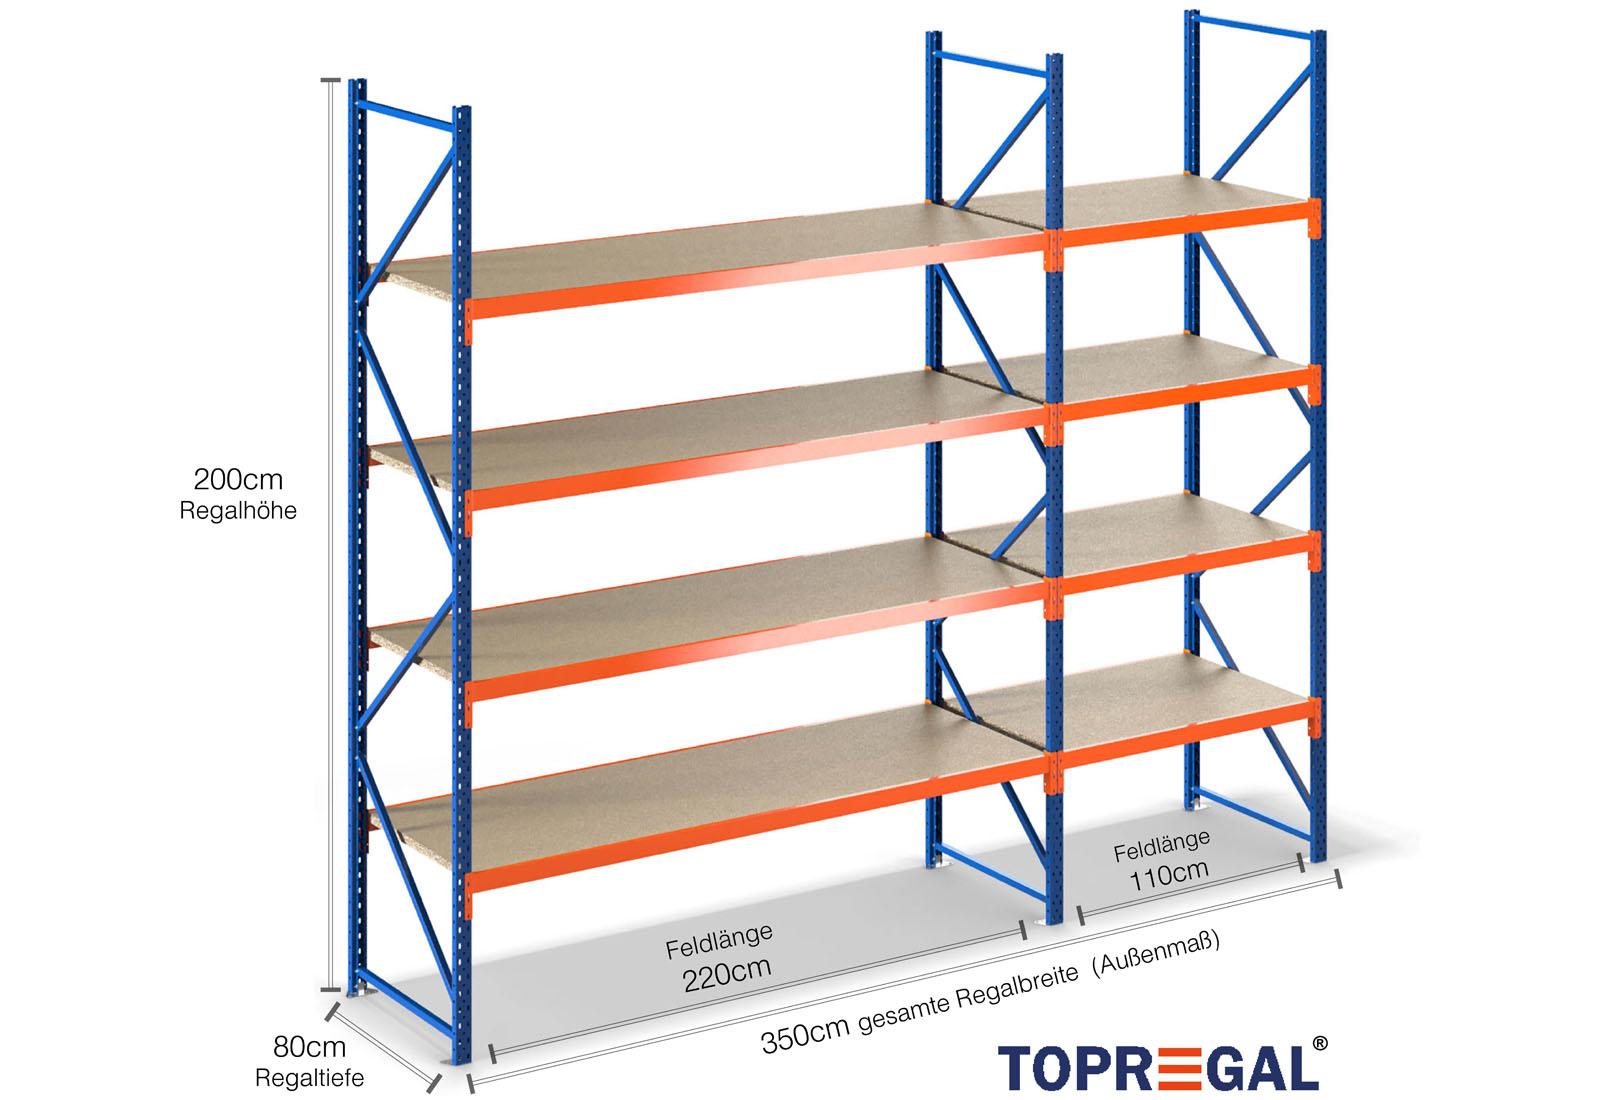 Lagerregal 3 5m breit 2m hoch 80cm tief 4 ebenen mit for Gartenteich 80 cm tief